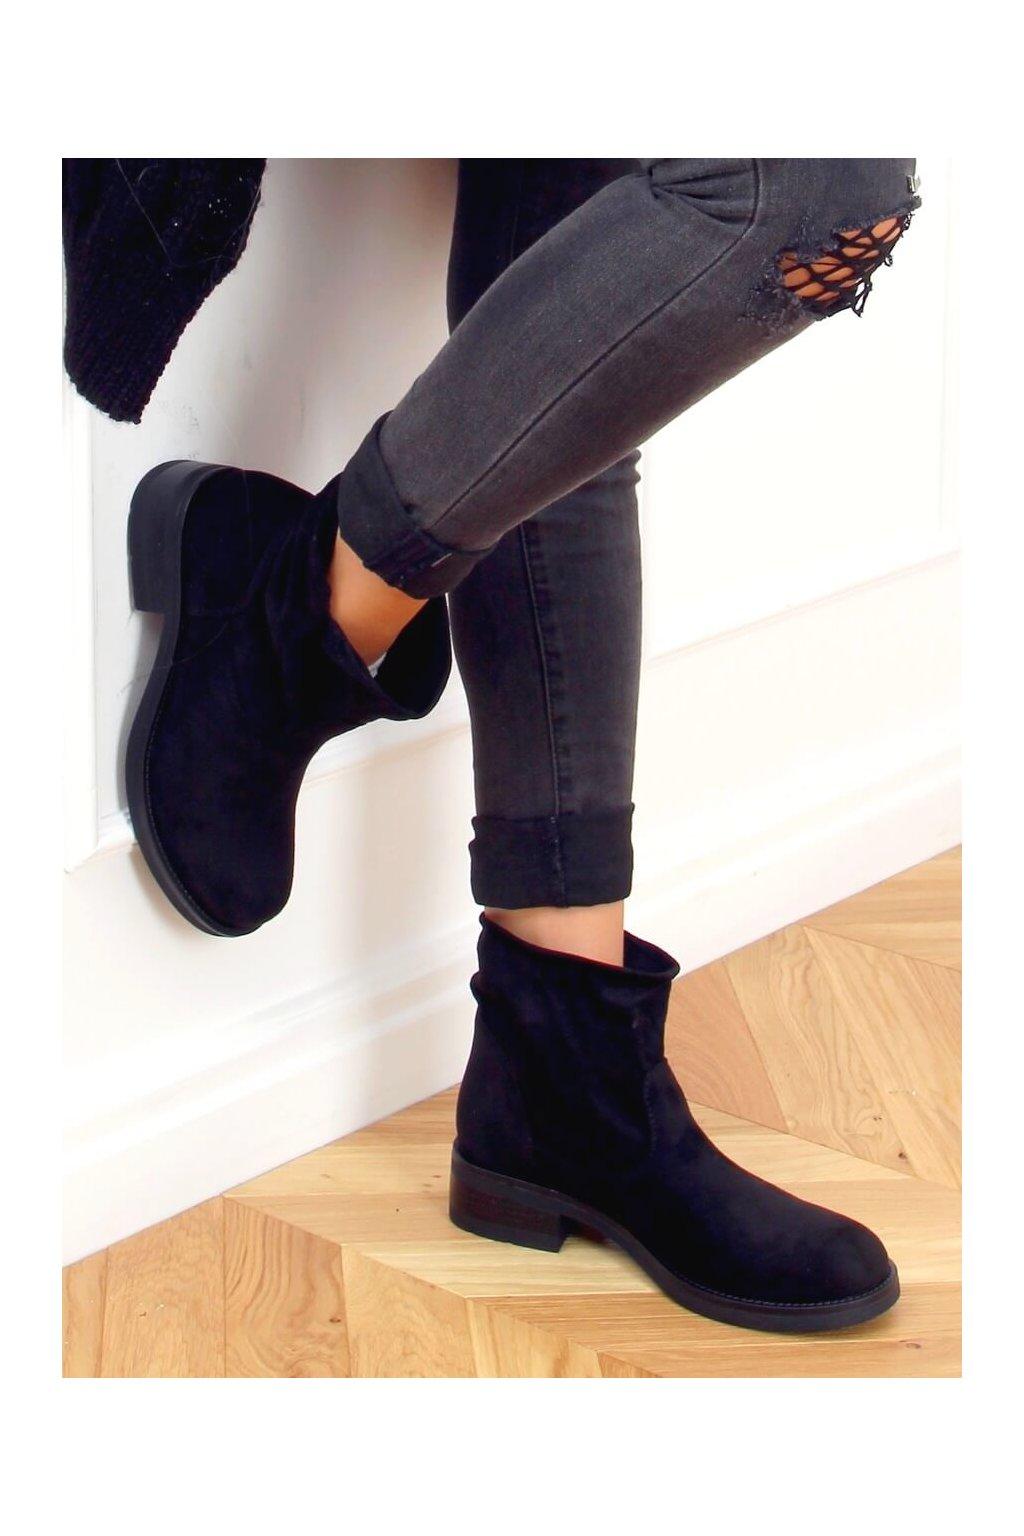 Dámske členkové topánky čierne na plochom podpätku 9621